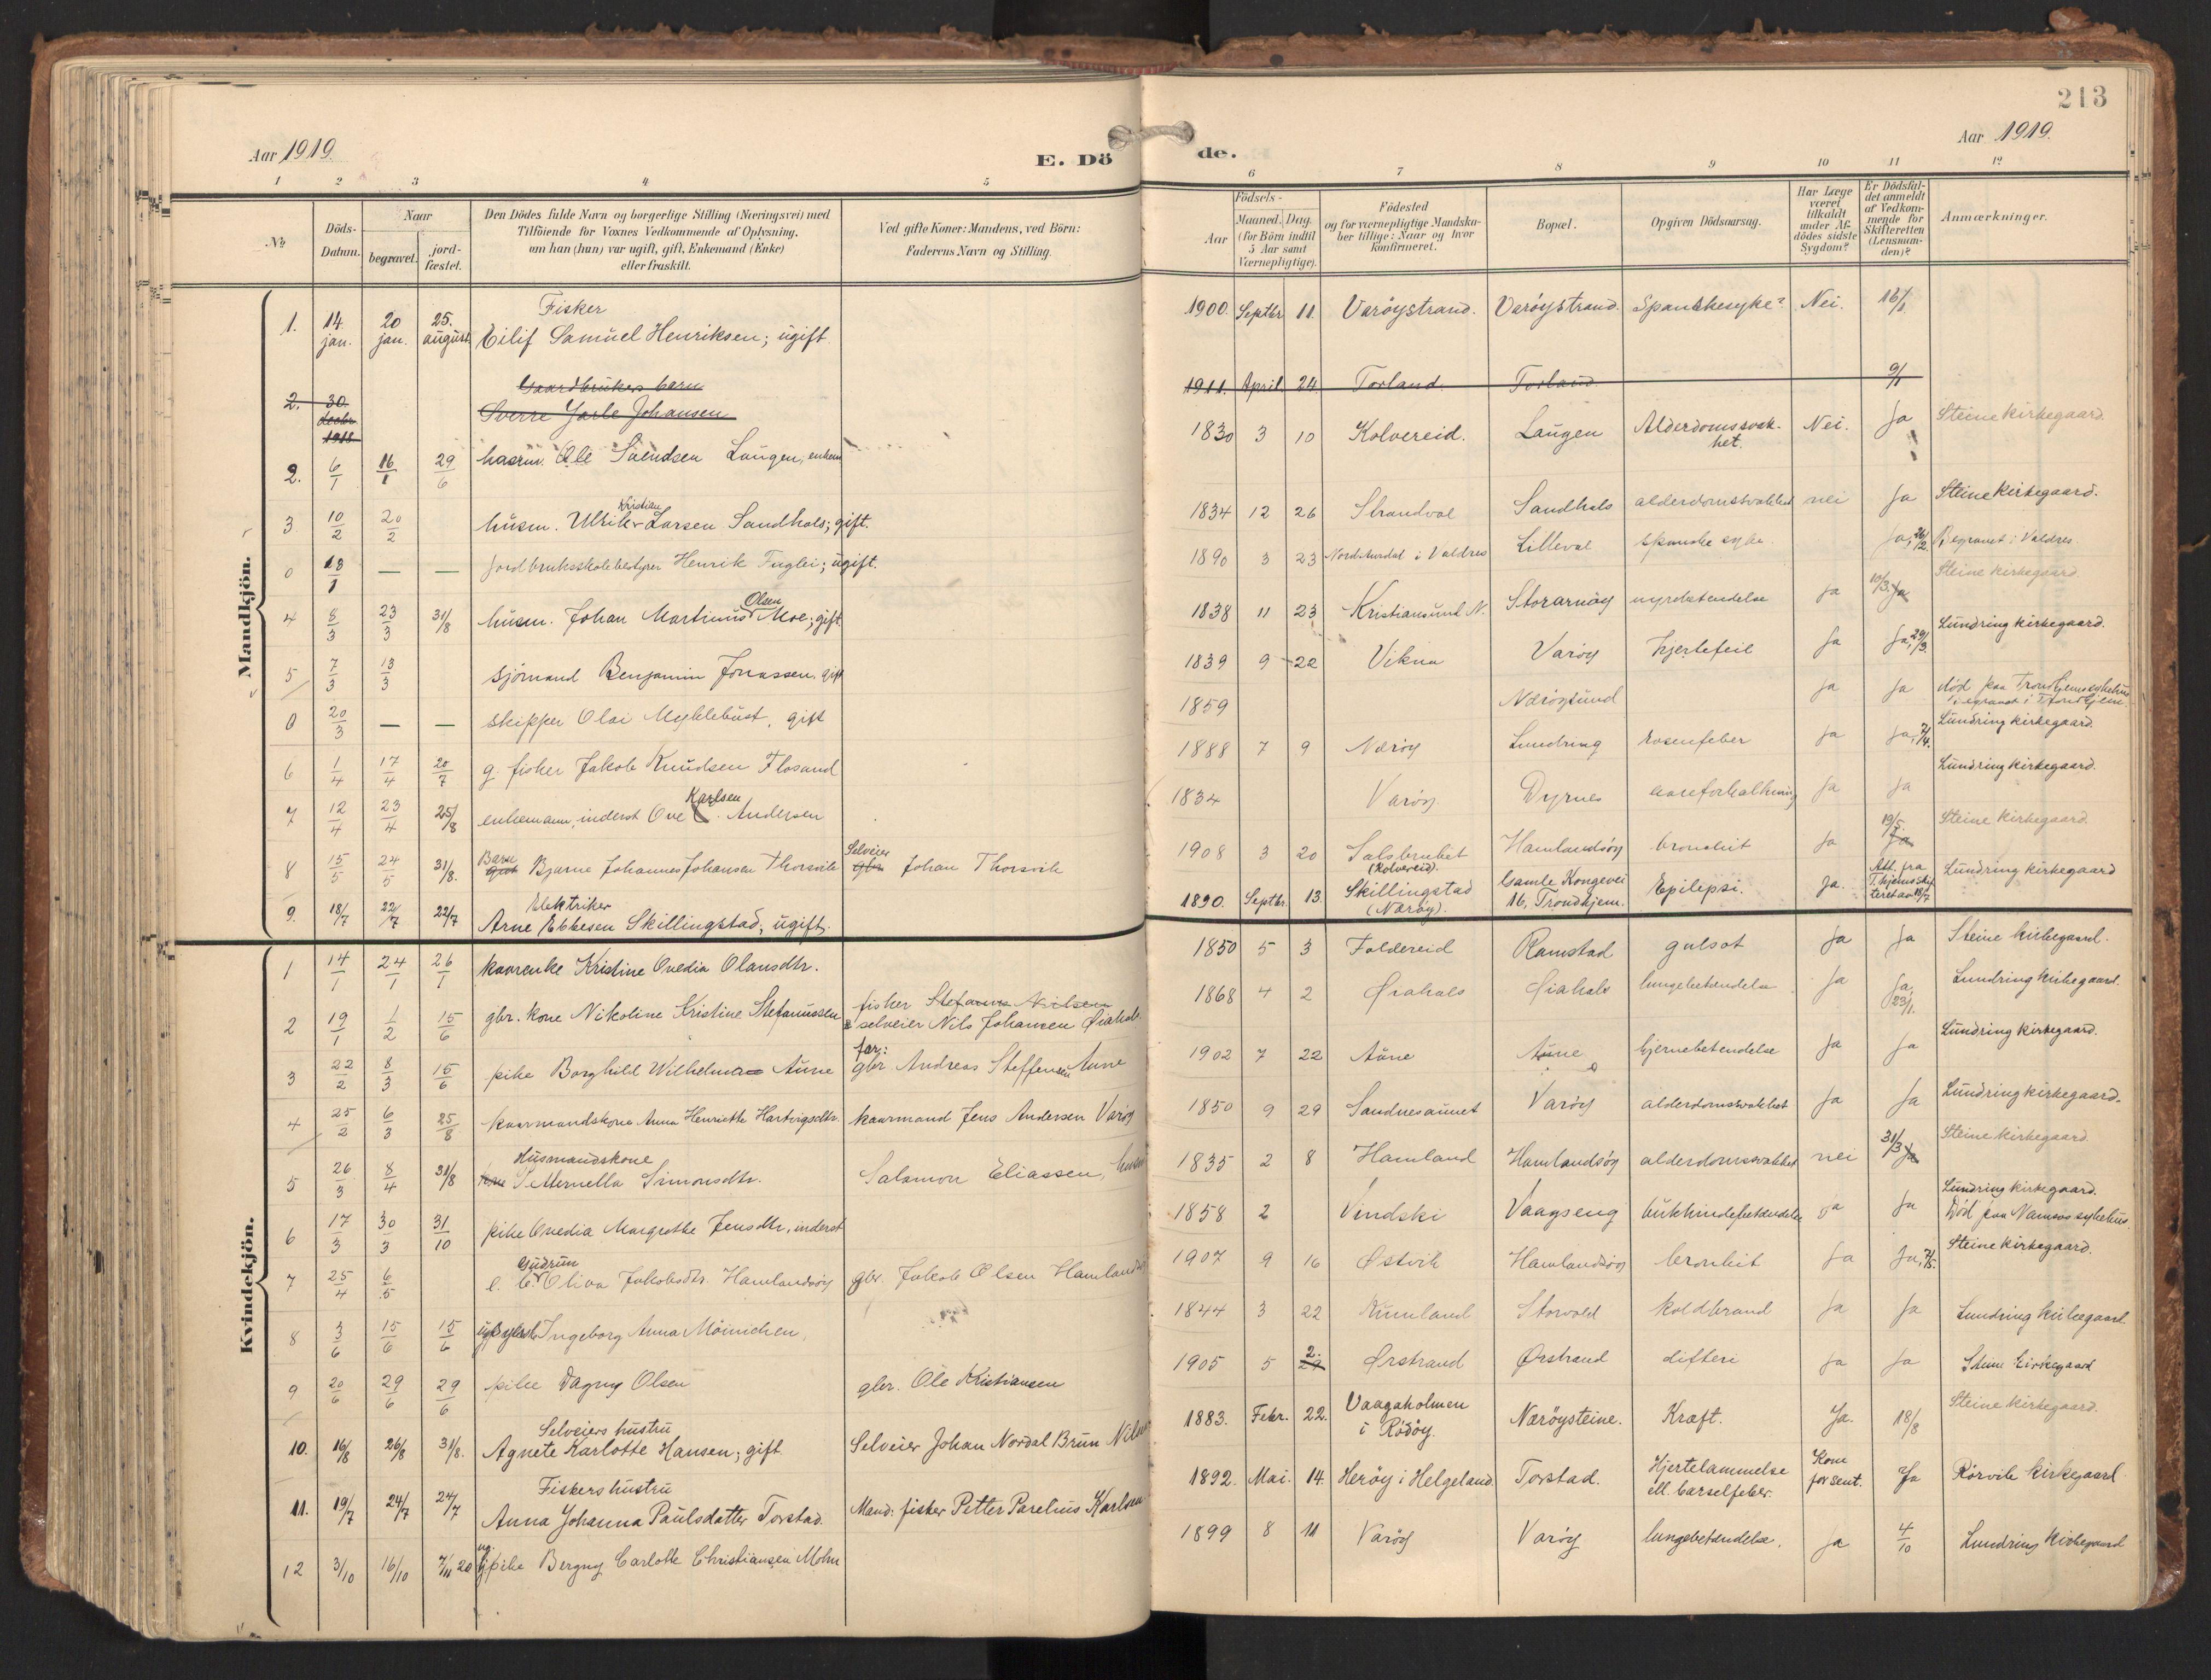 SAT, Ministerialprotokoller, klokkerbøker og fødselsregistre - Nord-Trøndelag, 784/L0677: Ministerialbok nr. 784A12, 1900-1920, s. 213